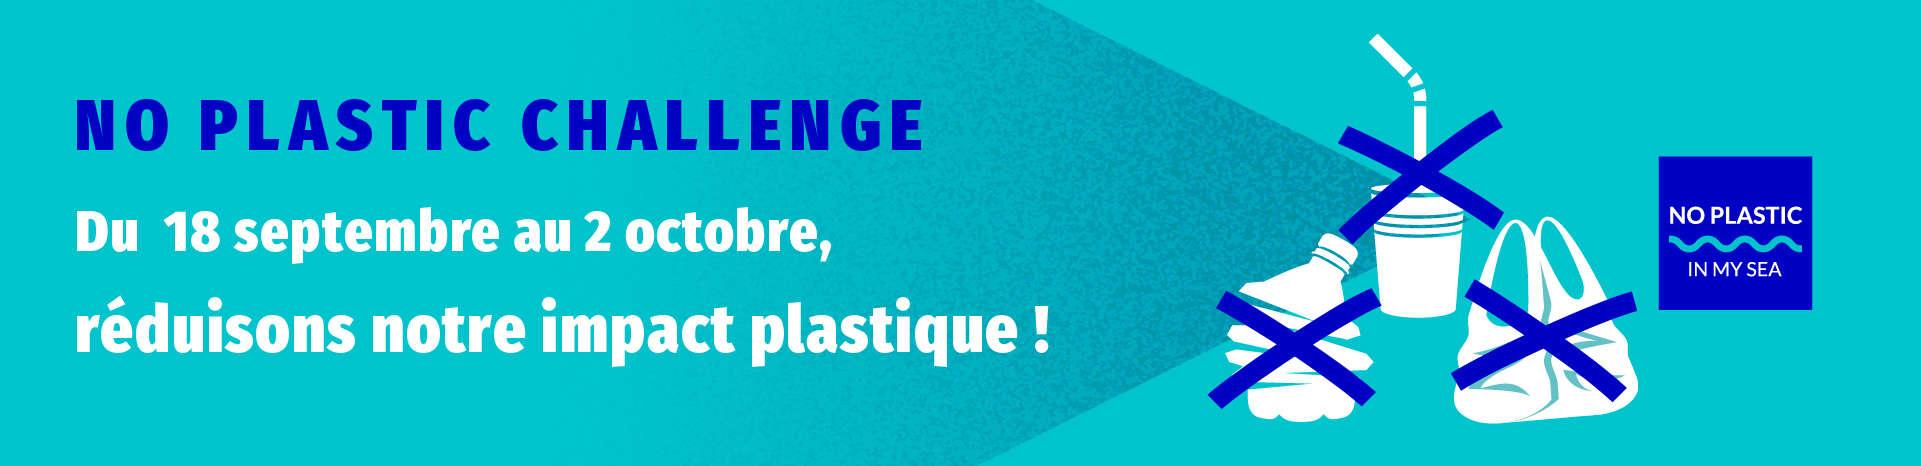 participer au no plastic challenge